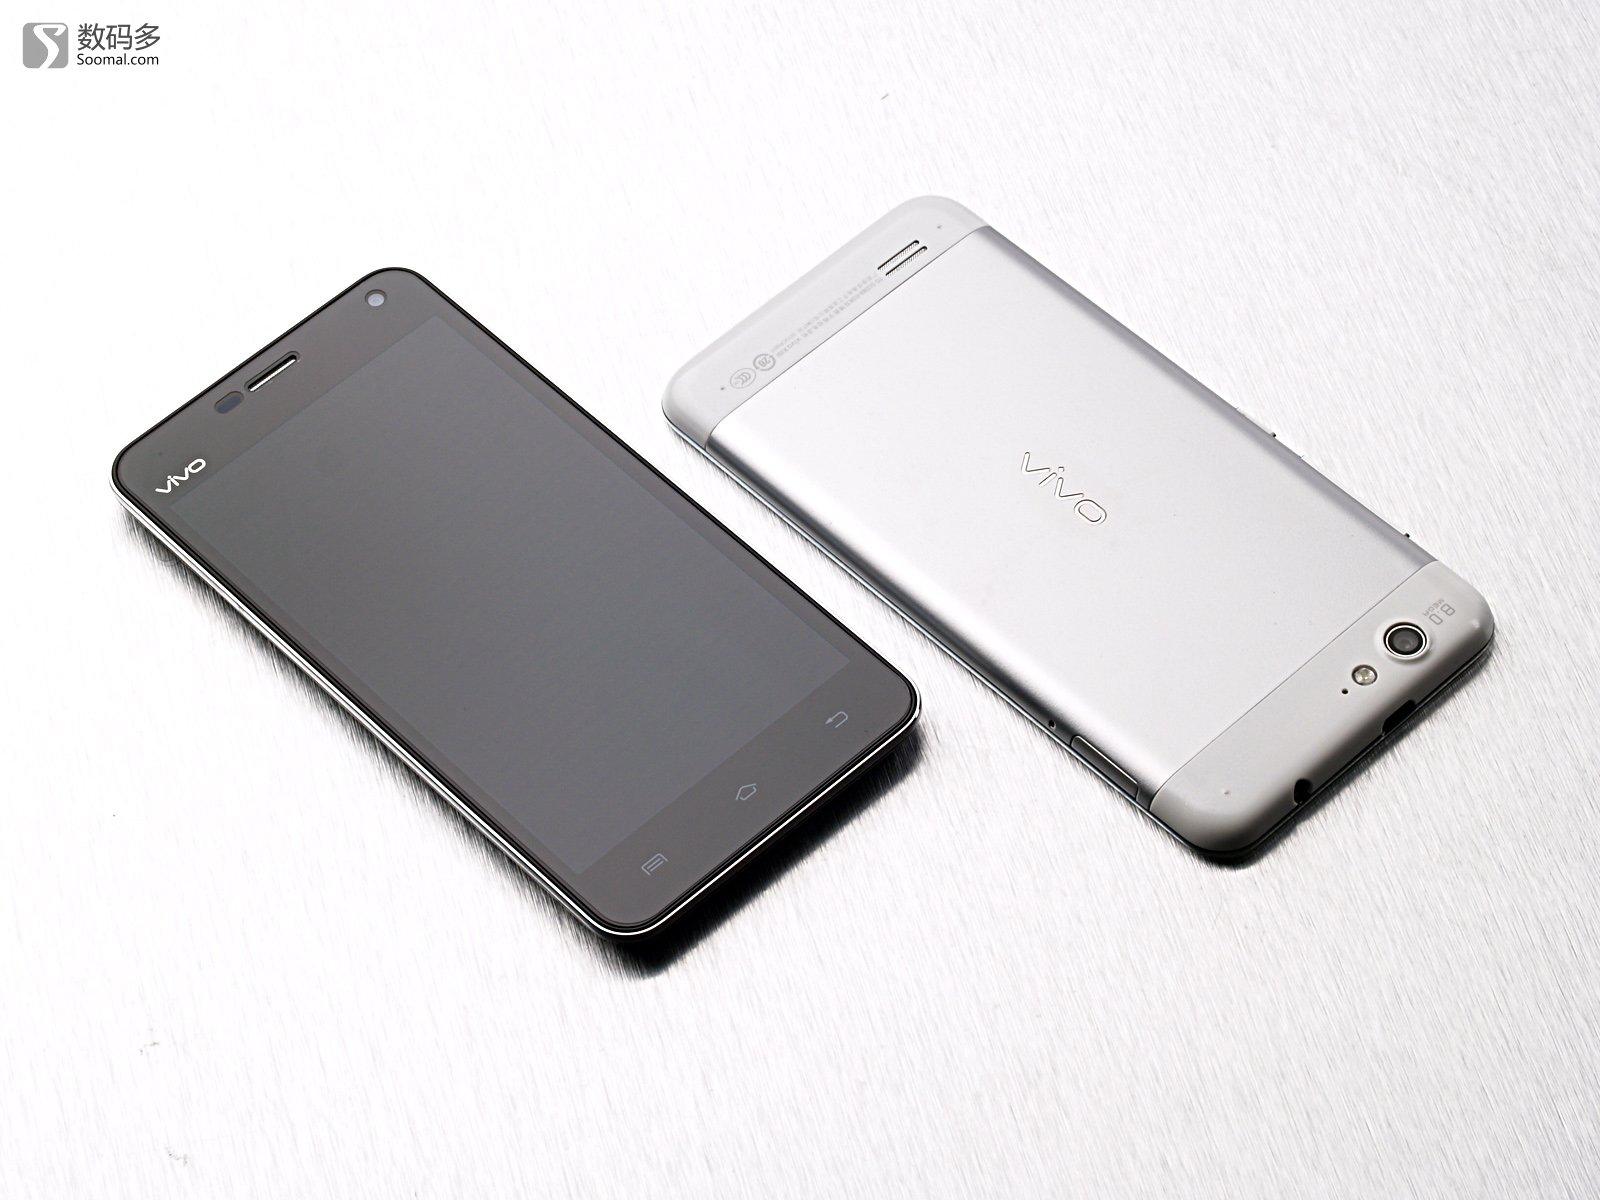 步步高 vivo x1s 智能手机   黑白两种配色[背面]